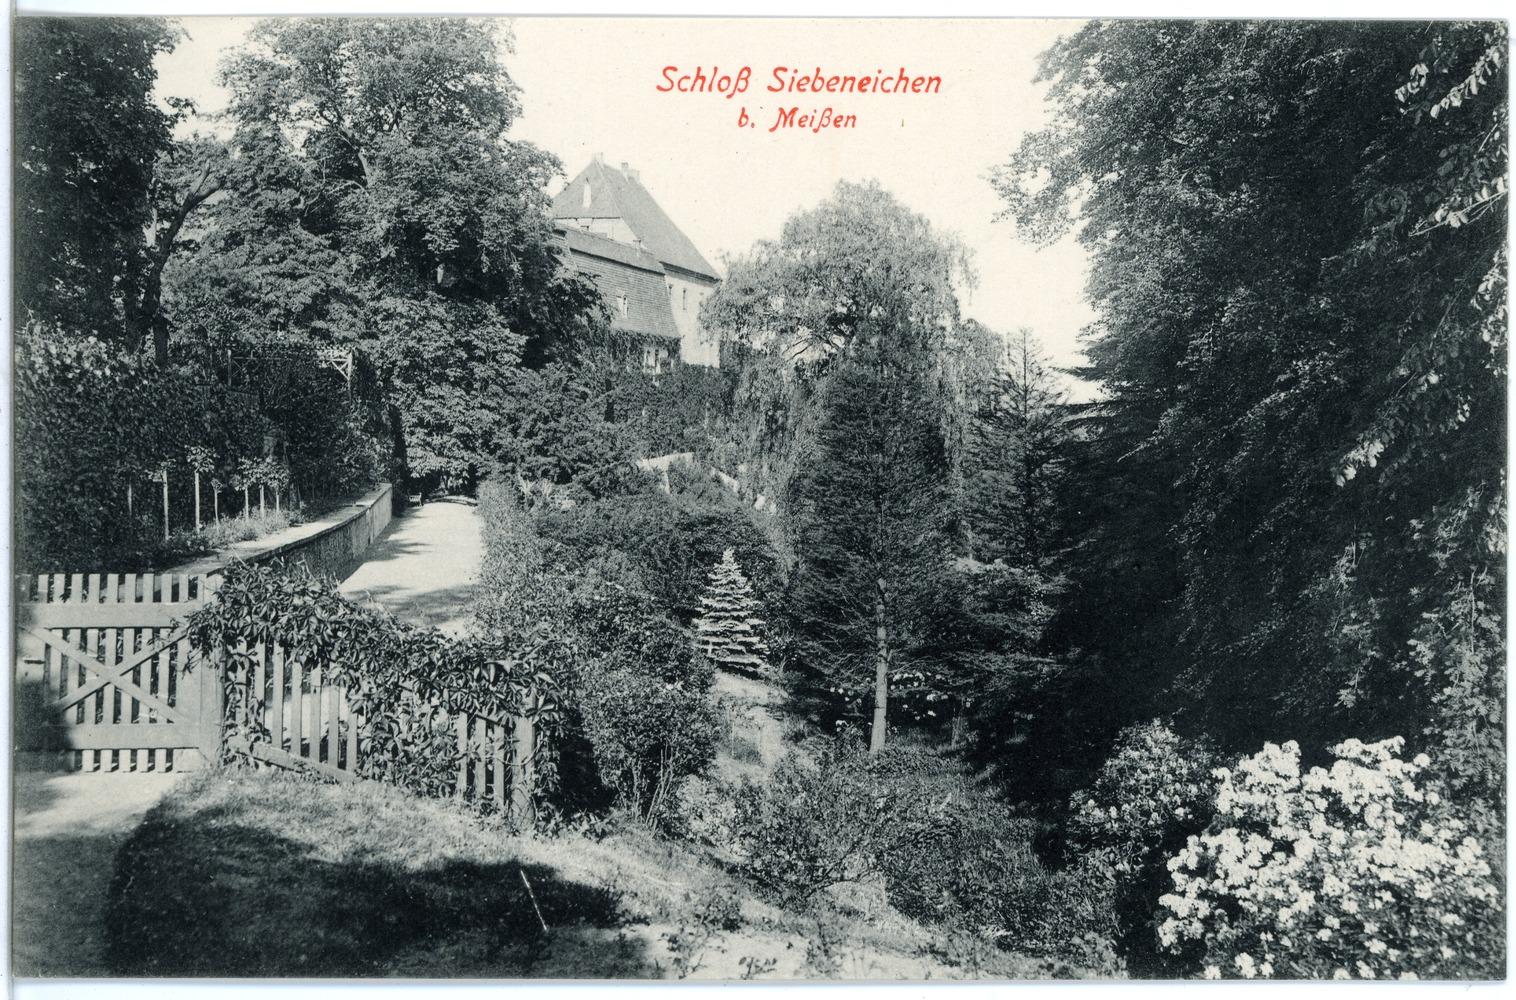 File:18997-Meißen-1915-Schloß Siebeneichen-Brück & Sohn Kunstverlag.